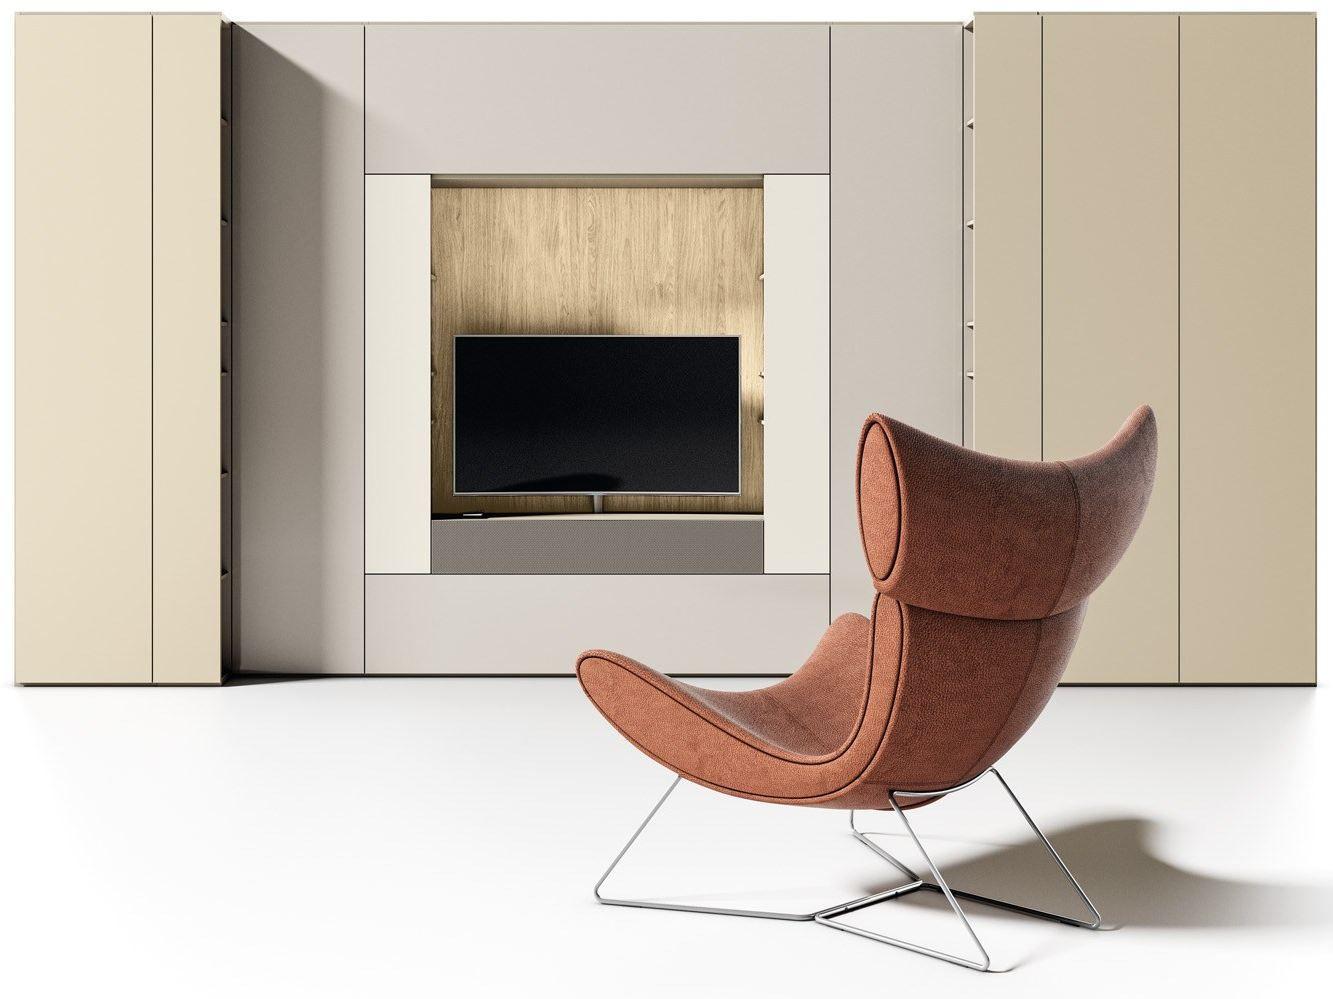 Roomy tv  wohnwand by caccaro design sandi renko, r&d caccaro